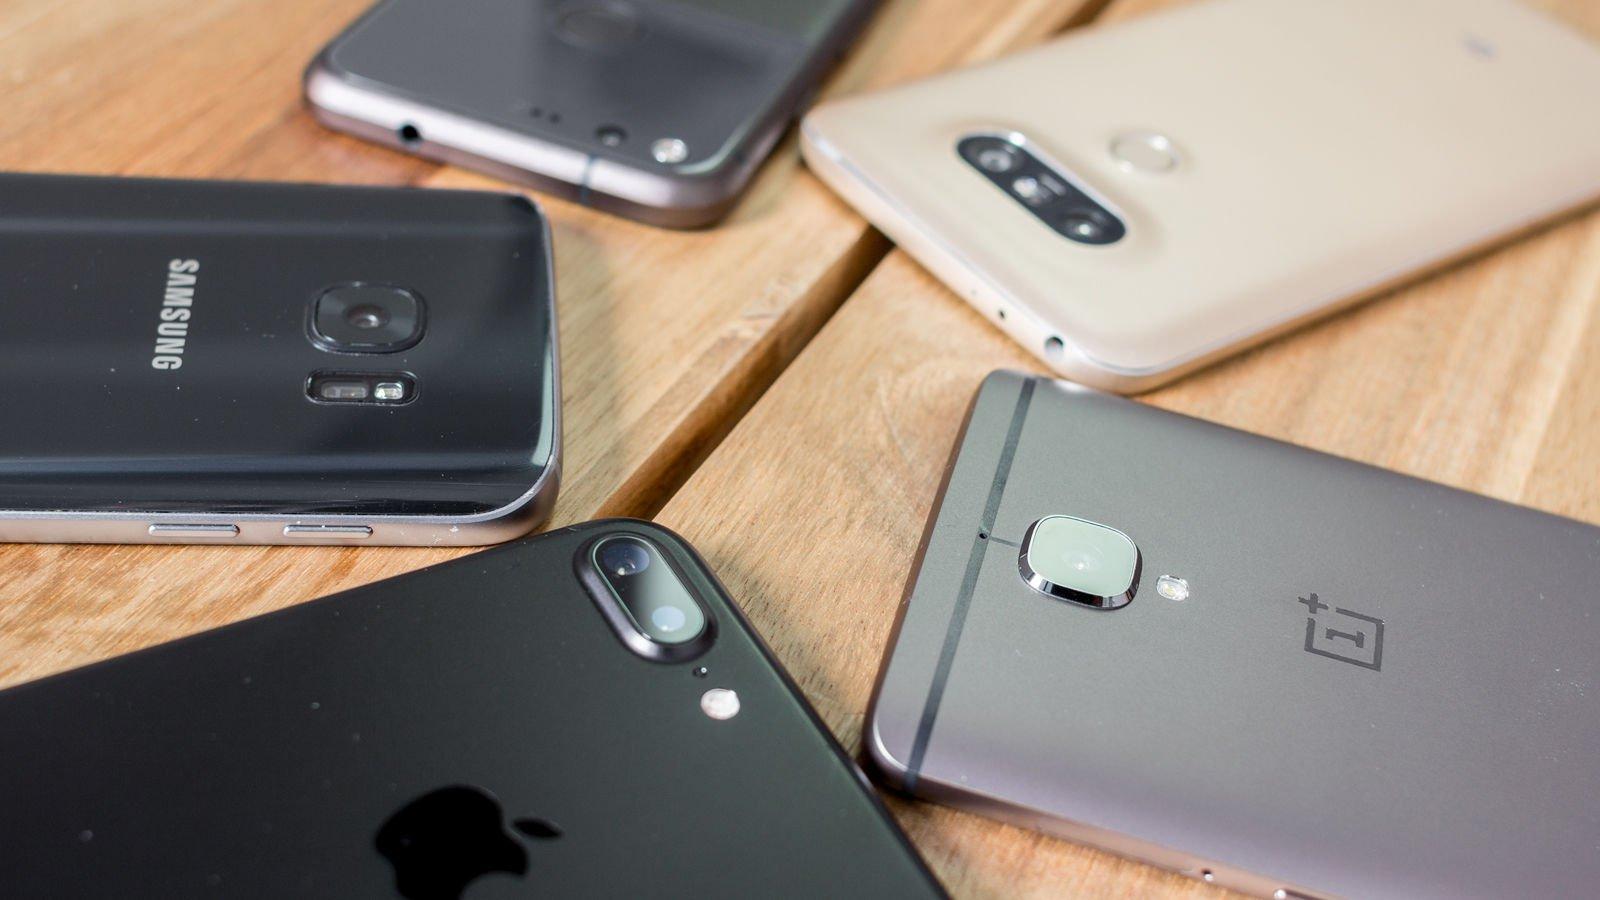 I migliori smartphone in uscita del 2017